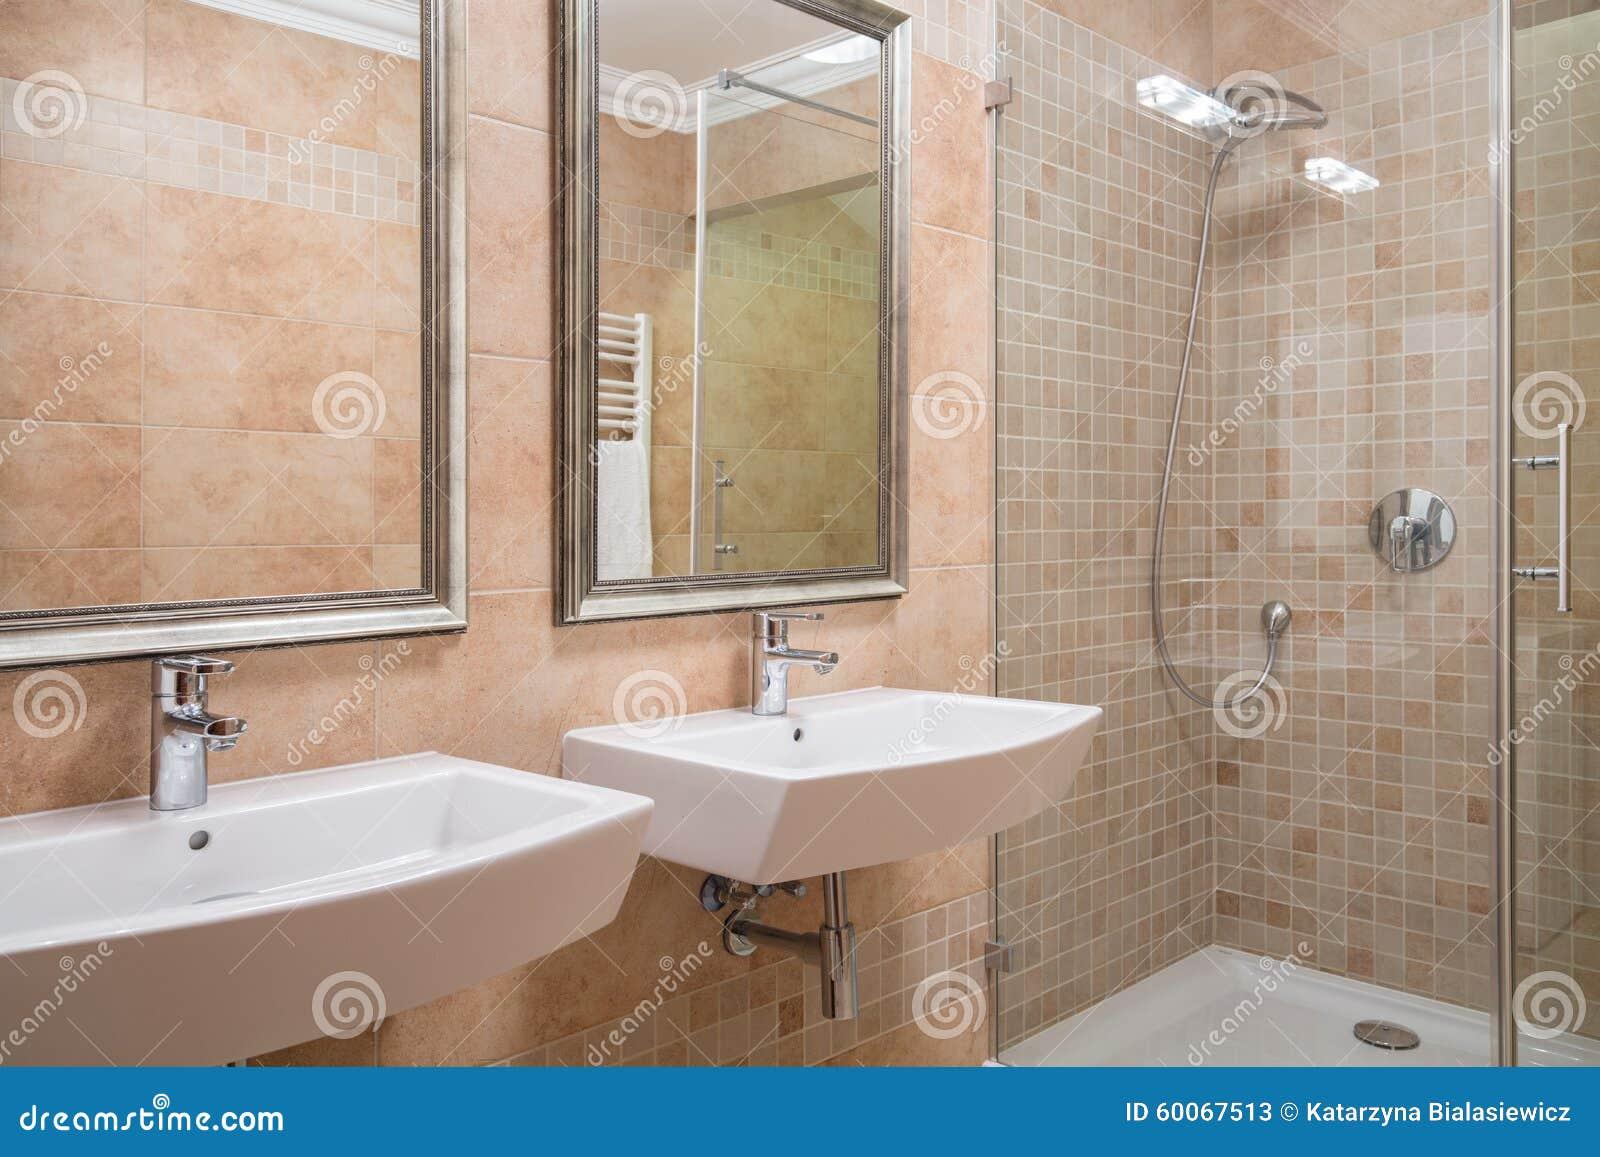 Exklusives Badezimmer Mit Dusche Stockbild - Bild von dekor, foto ...